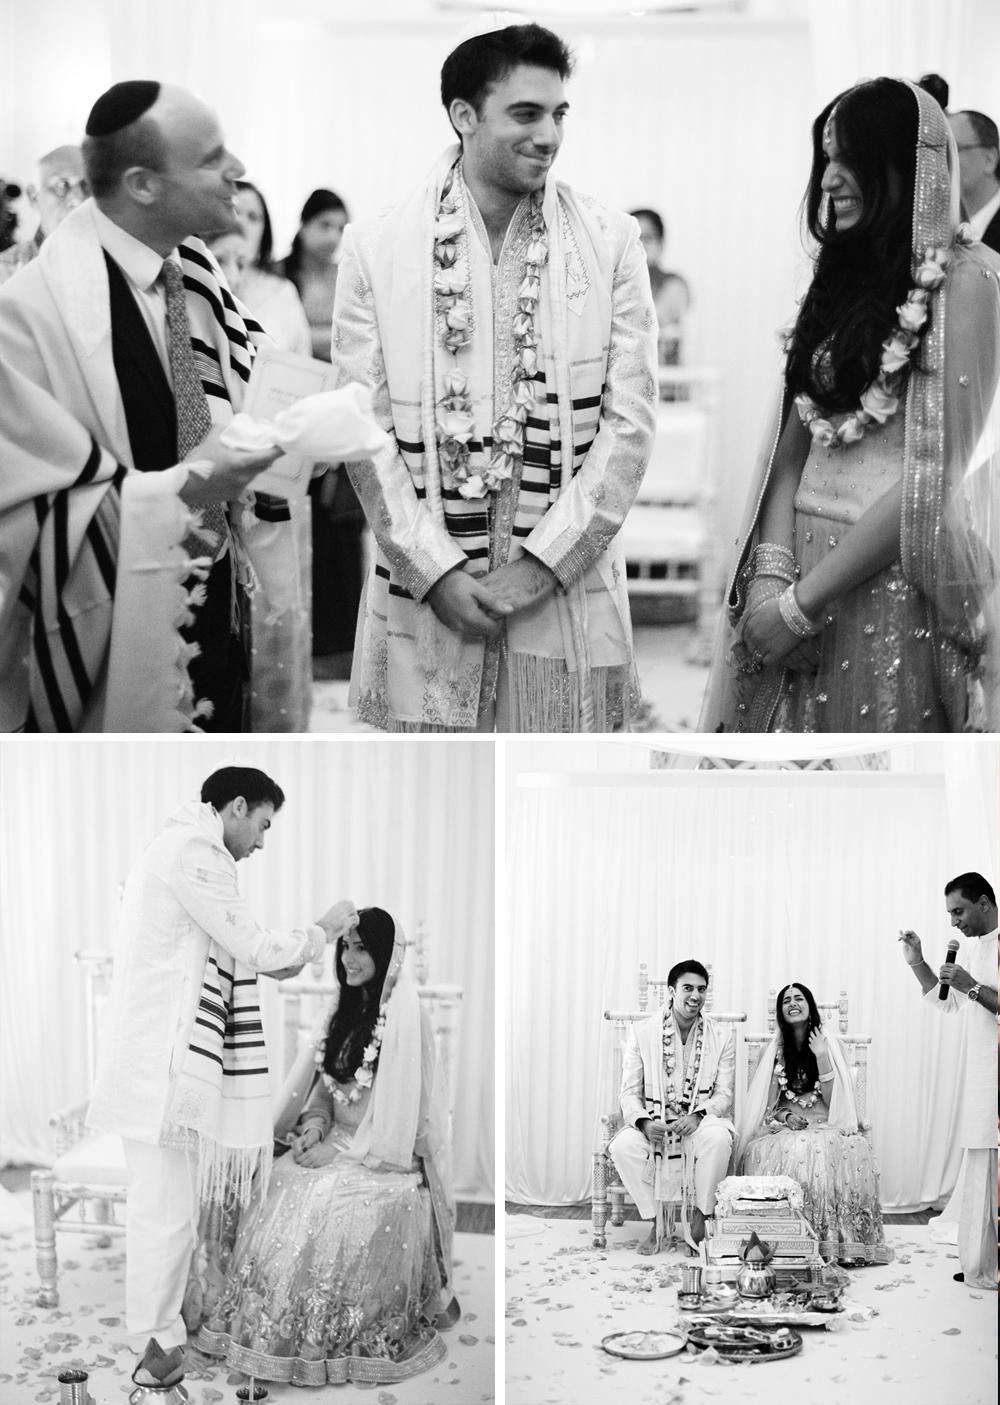 HinJew religious ceremony